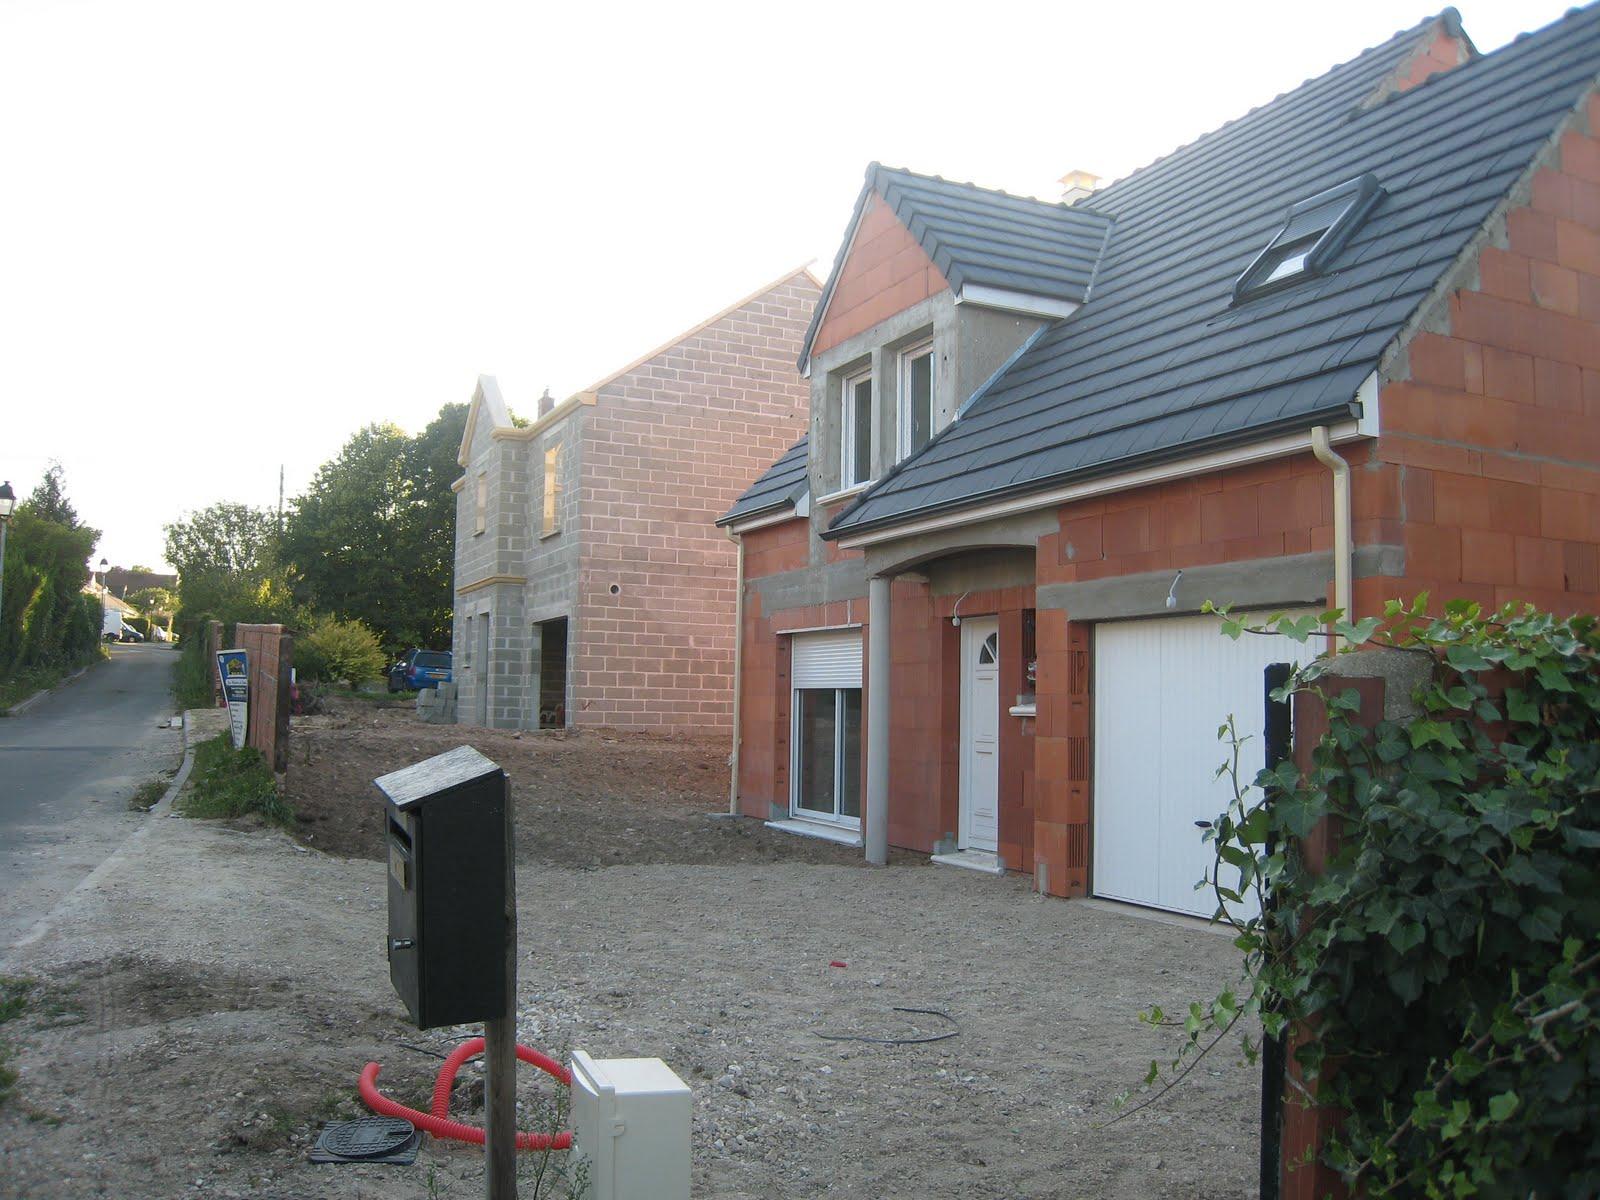 Faire construire r galage des terres autour de la maison for Autour de maison